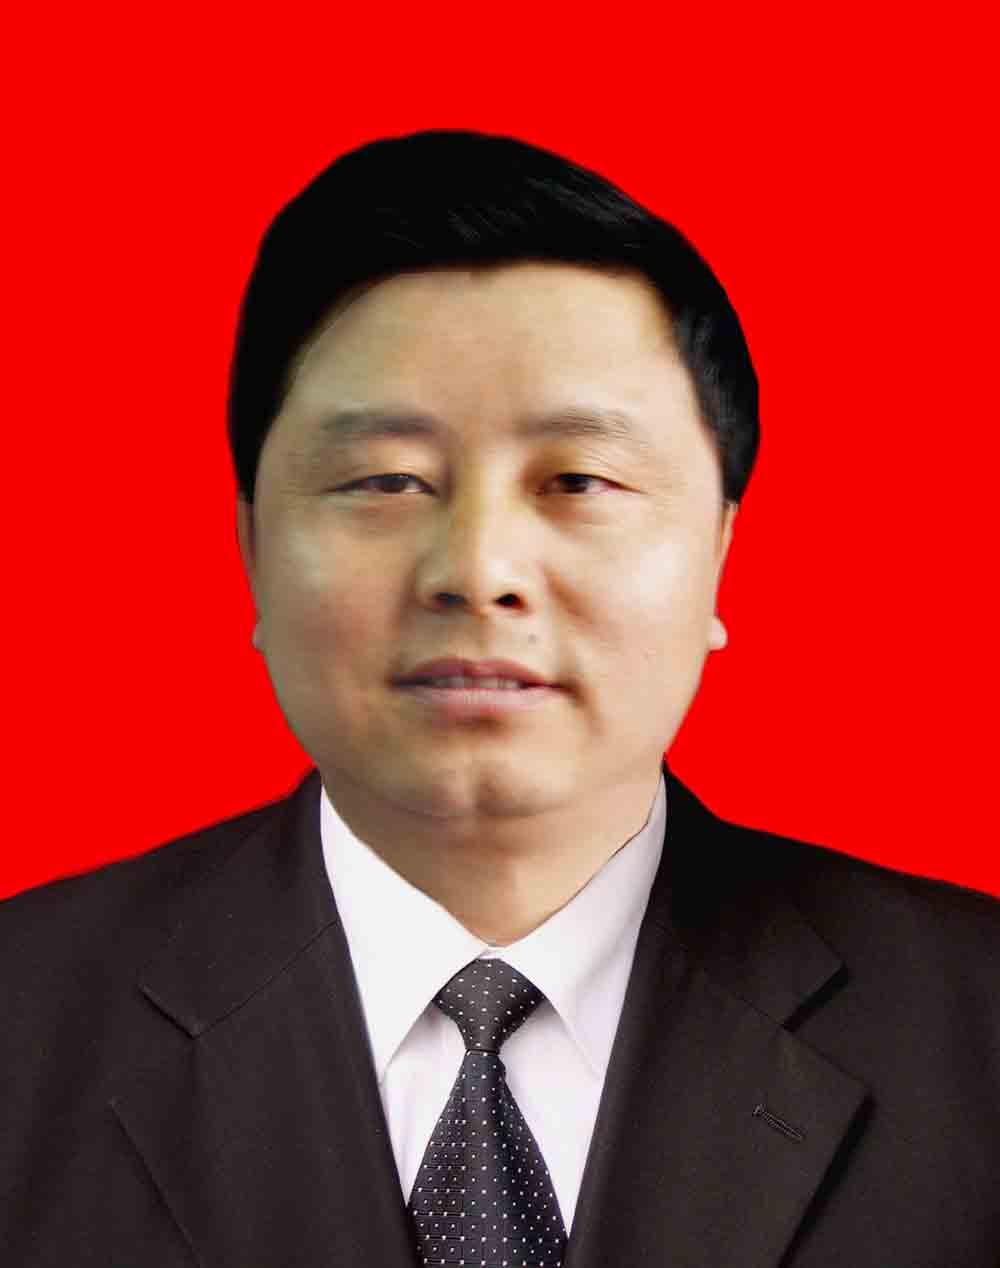 袁明 四川省成都市龙泉驿区林业局局长 搜狗百科